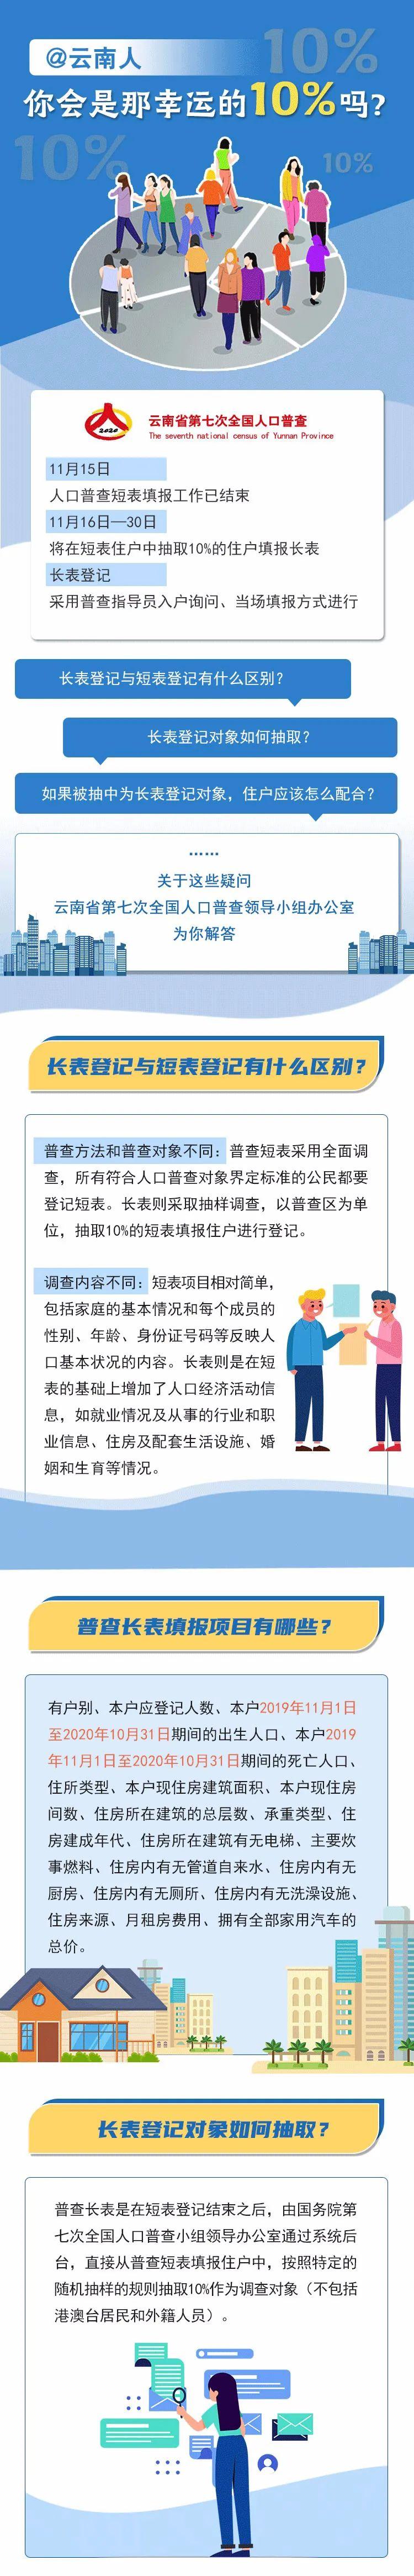 【提醒】@云南人请注意 人口普查员可能再次来敲你家门图片